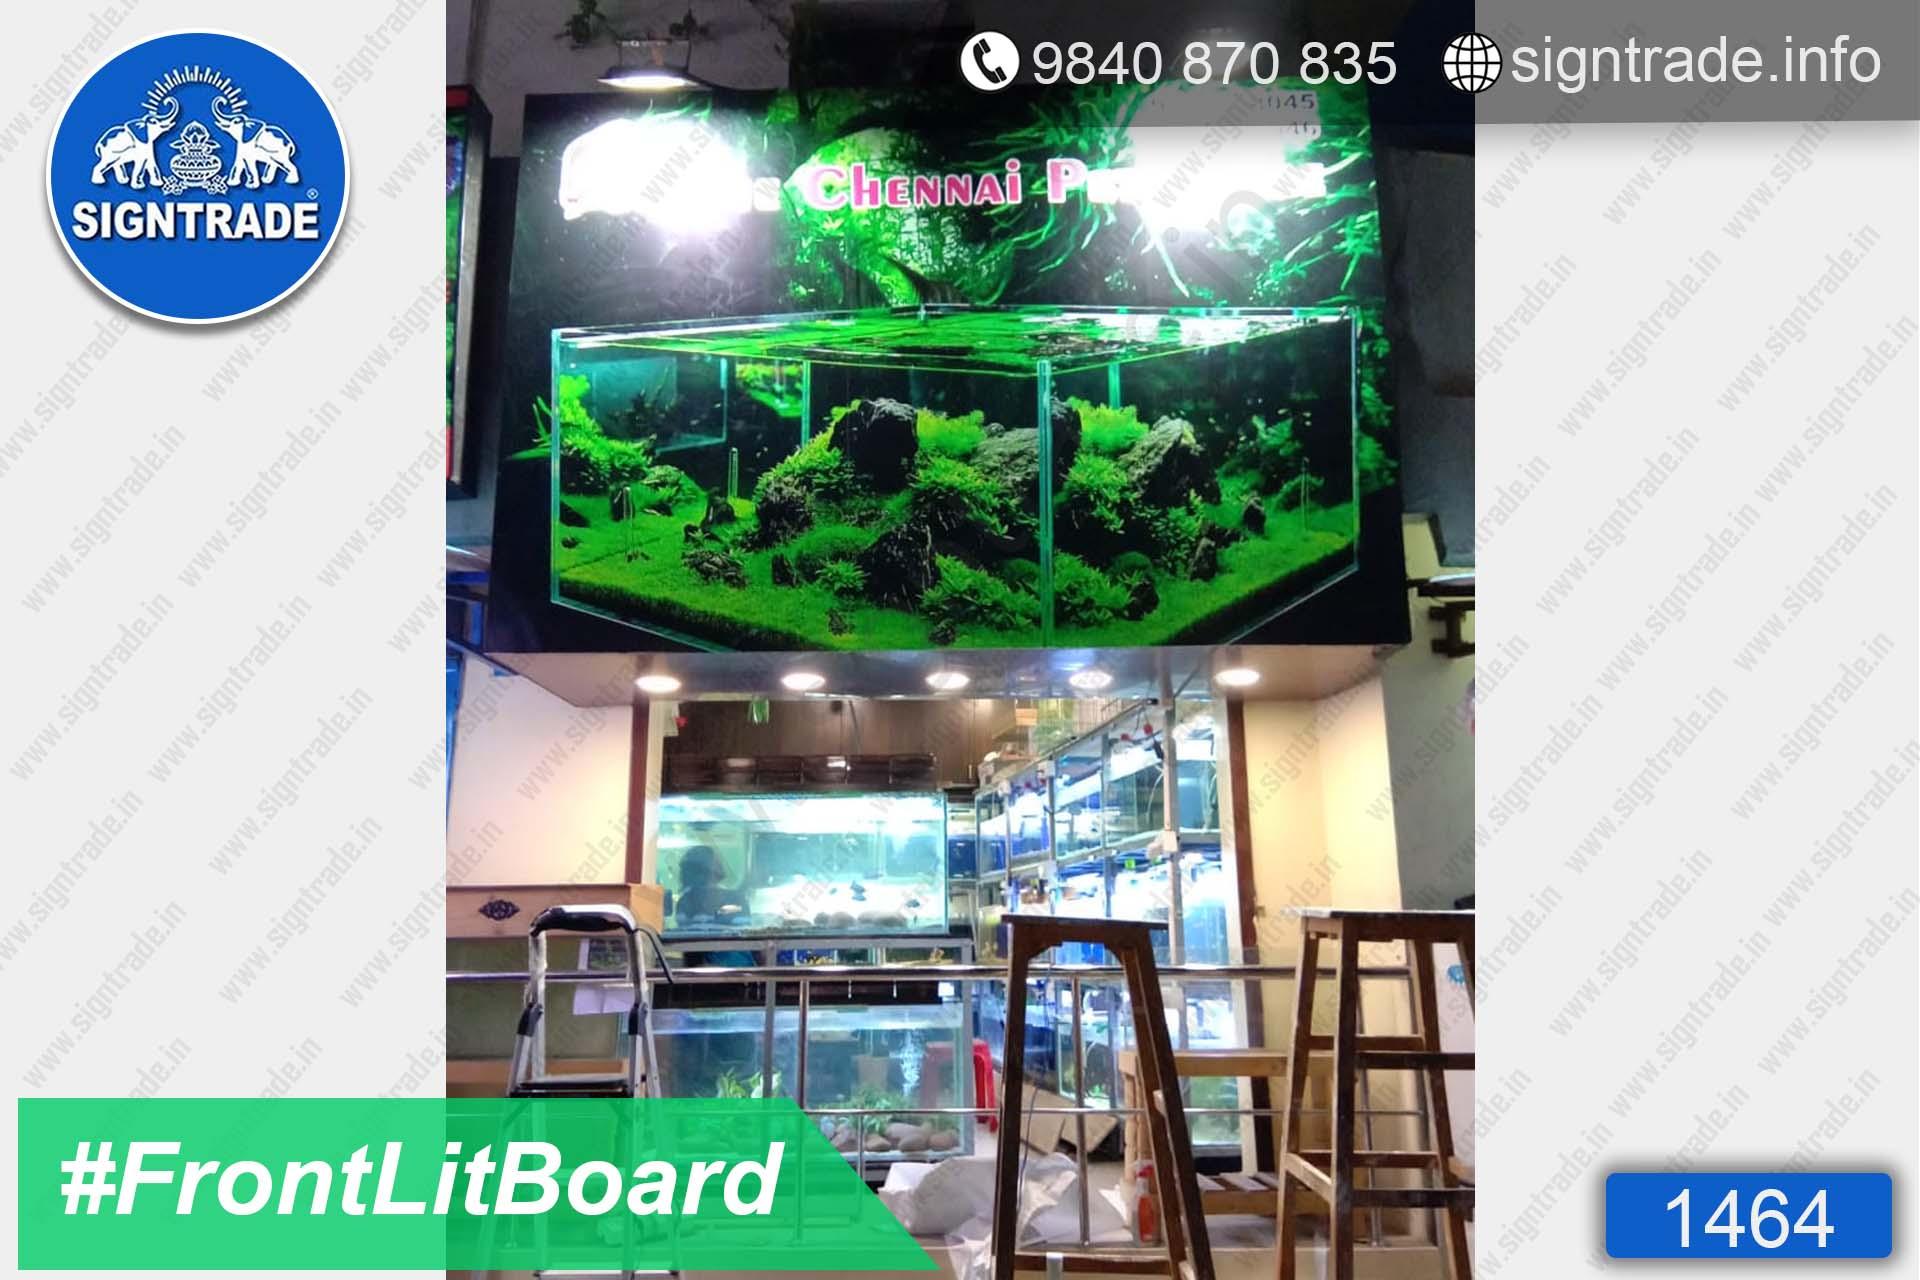 kay the fashion bay - 1463, Flex Board, Frontlit Flex Board, Star Frontlit Flex Board, Frontlit Flex Banners, Shop Front Flex Board, Shop Flex Board, Star Flex